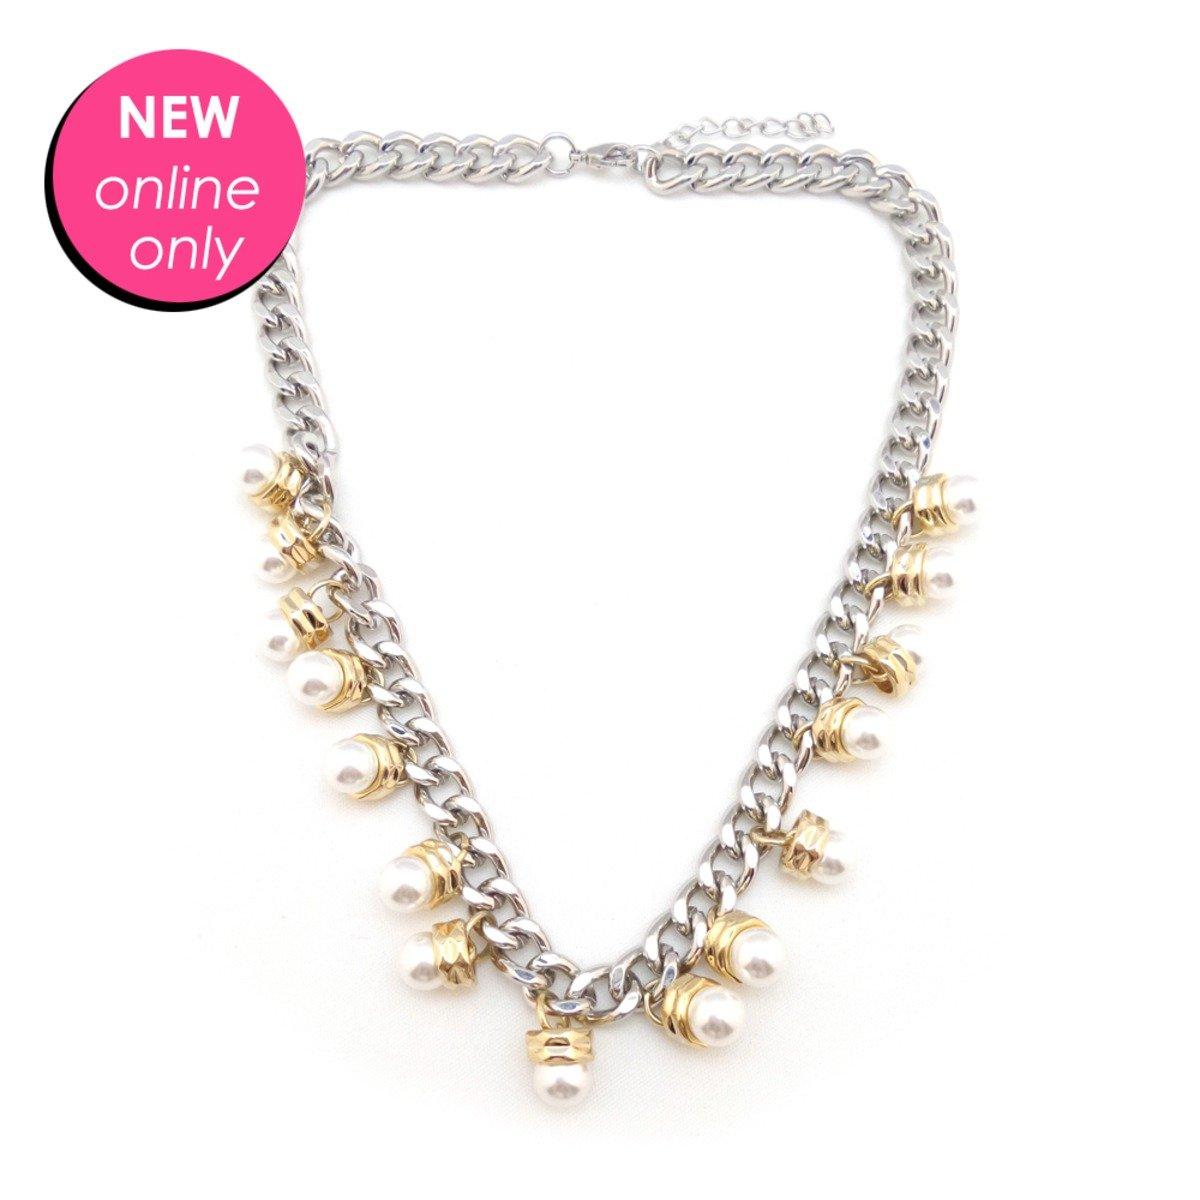 珍珠金銀拼色頸鏈